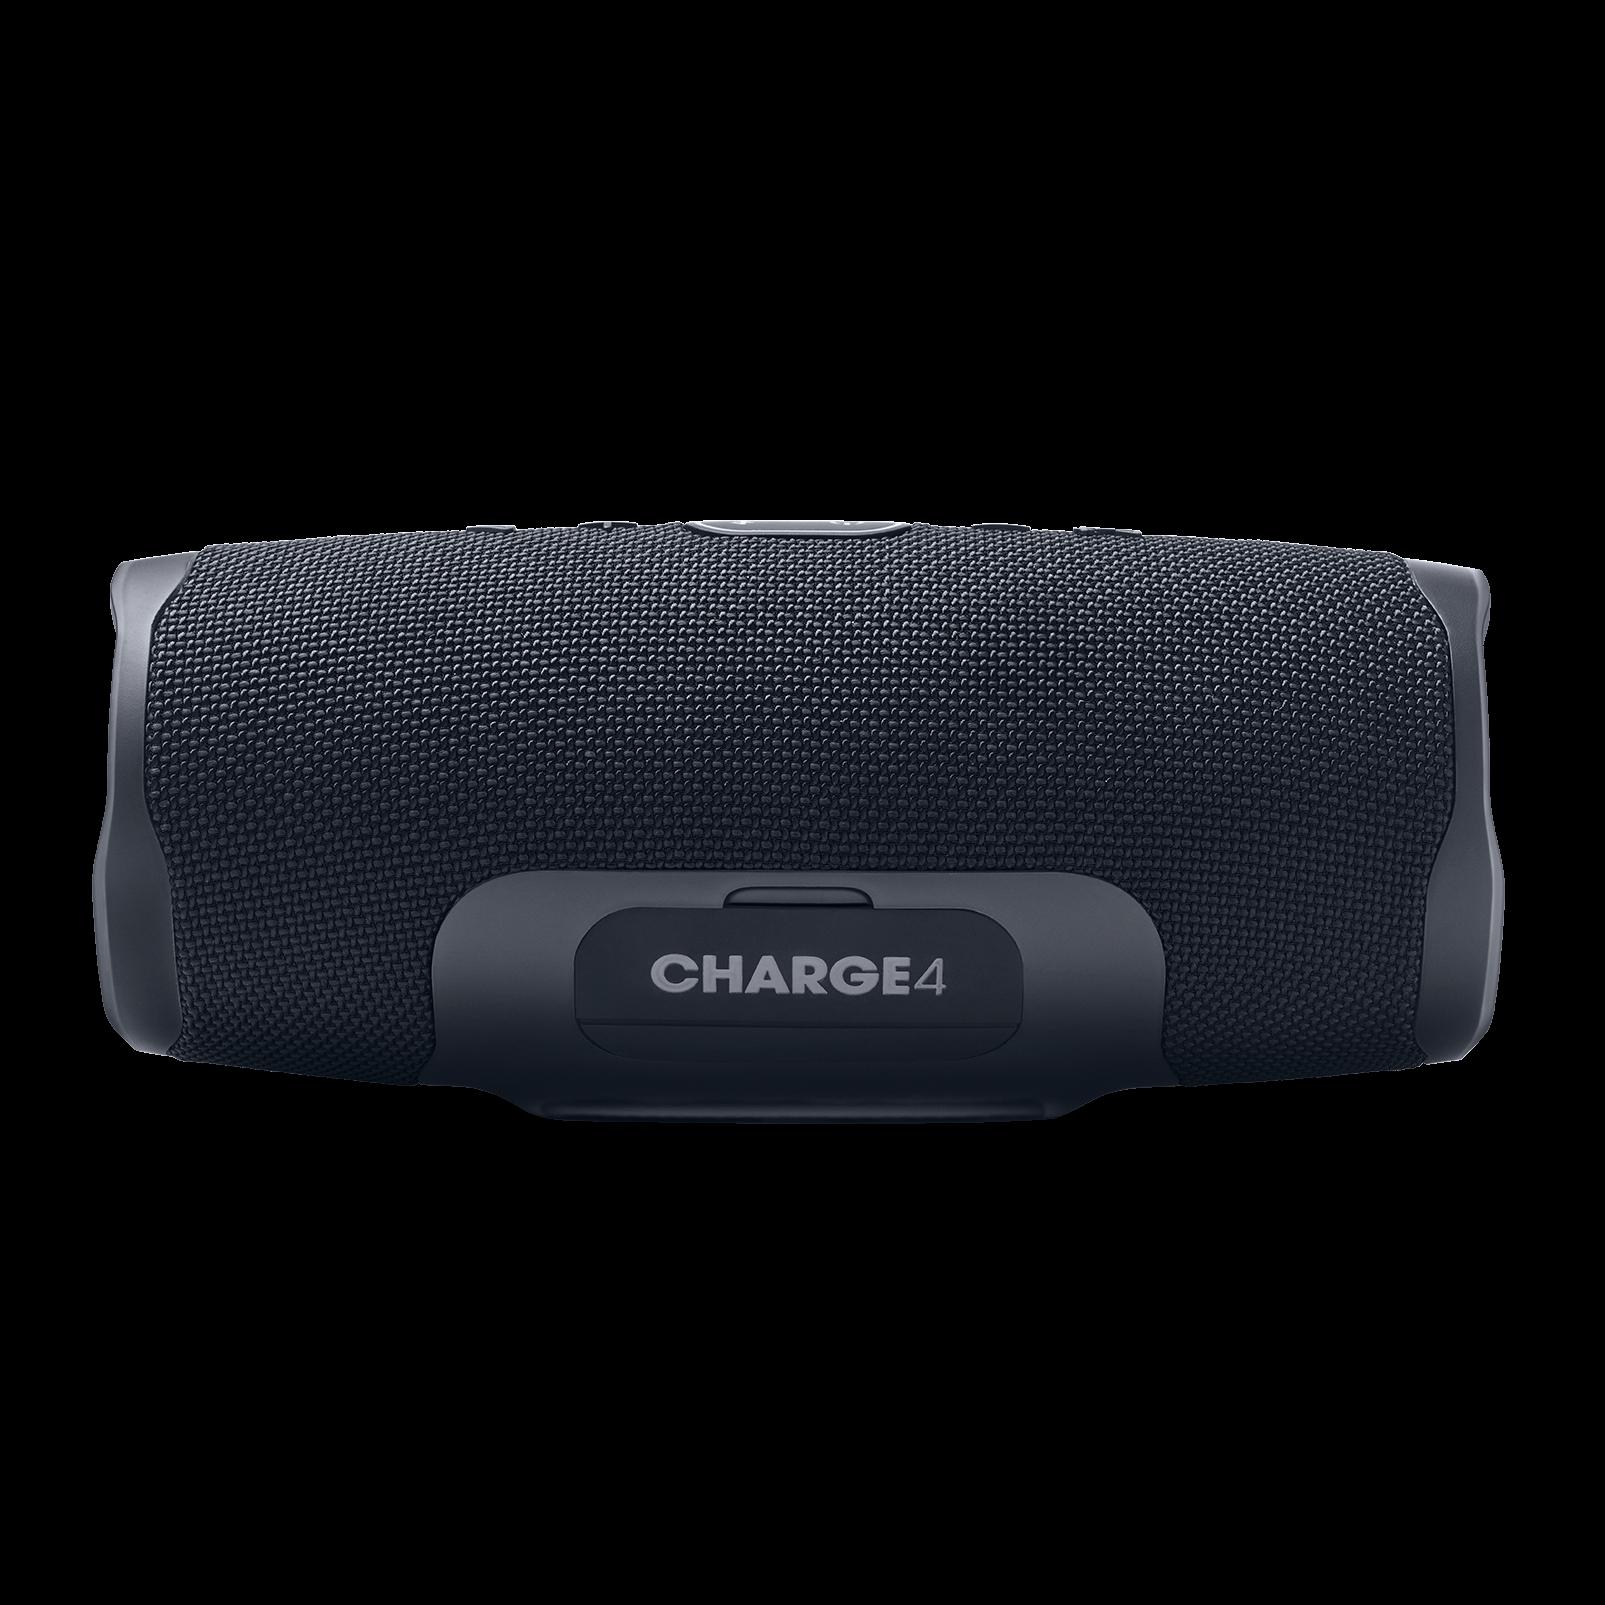 JBL Charge 4 Black Enceinte Bluetooth REFURBISHED